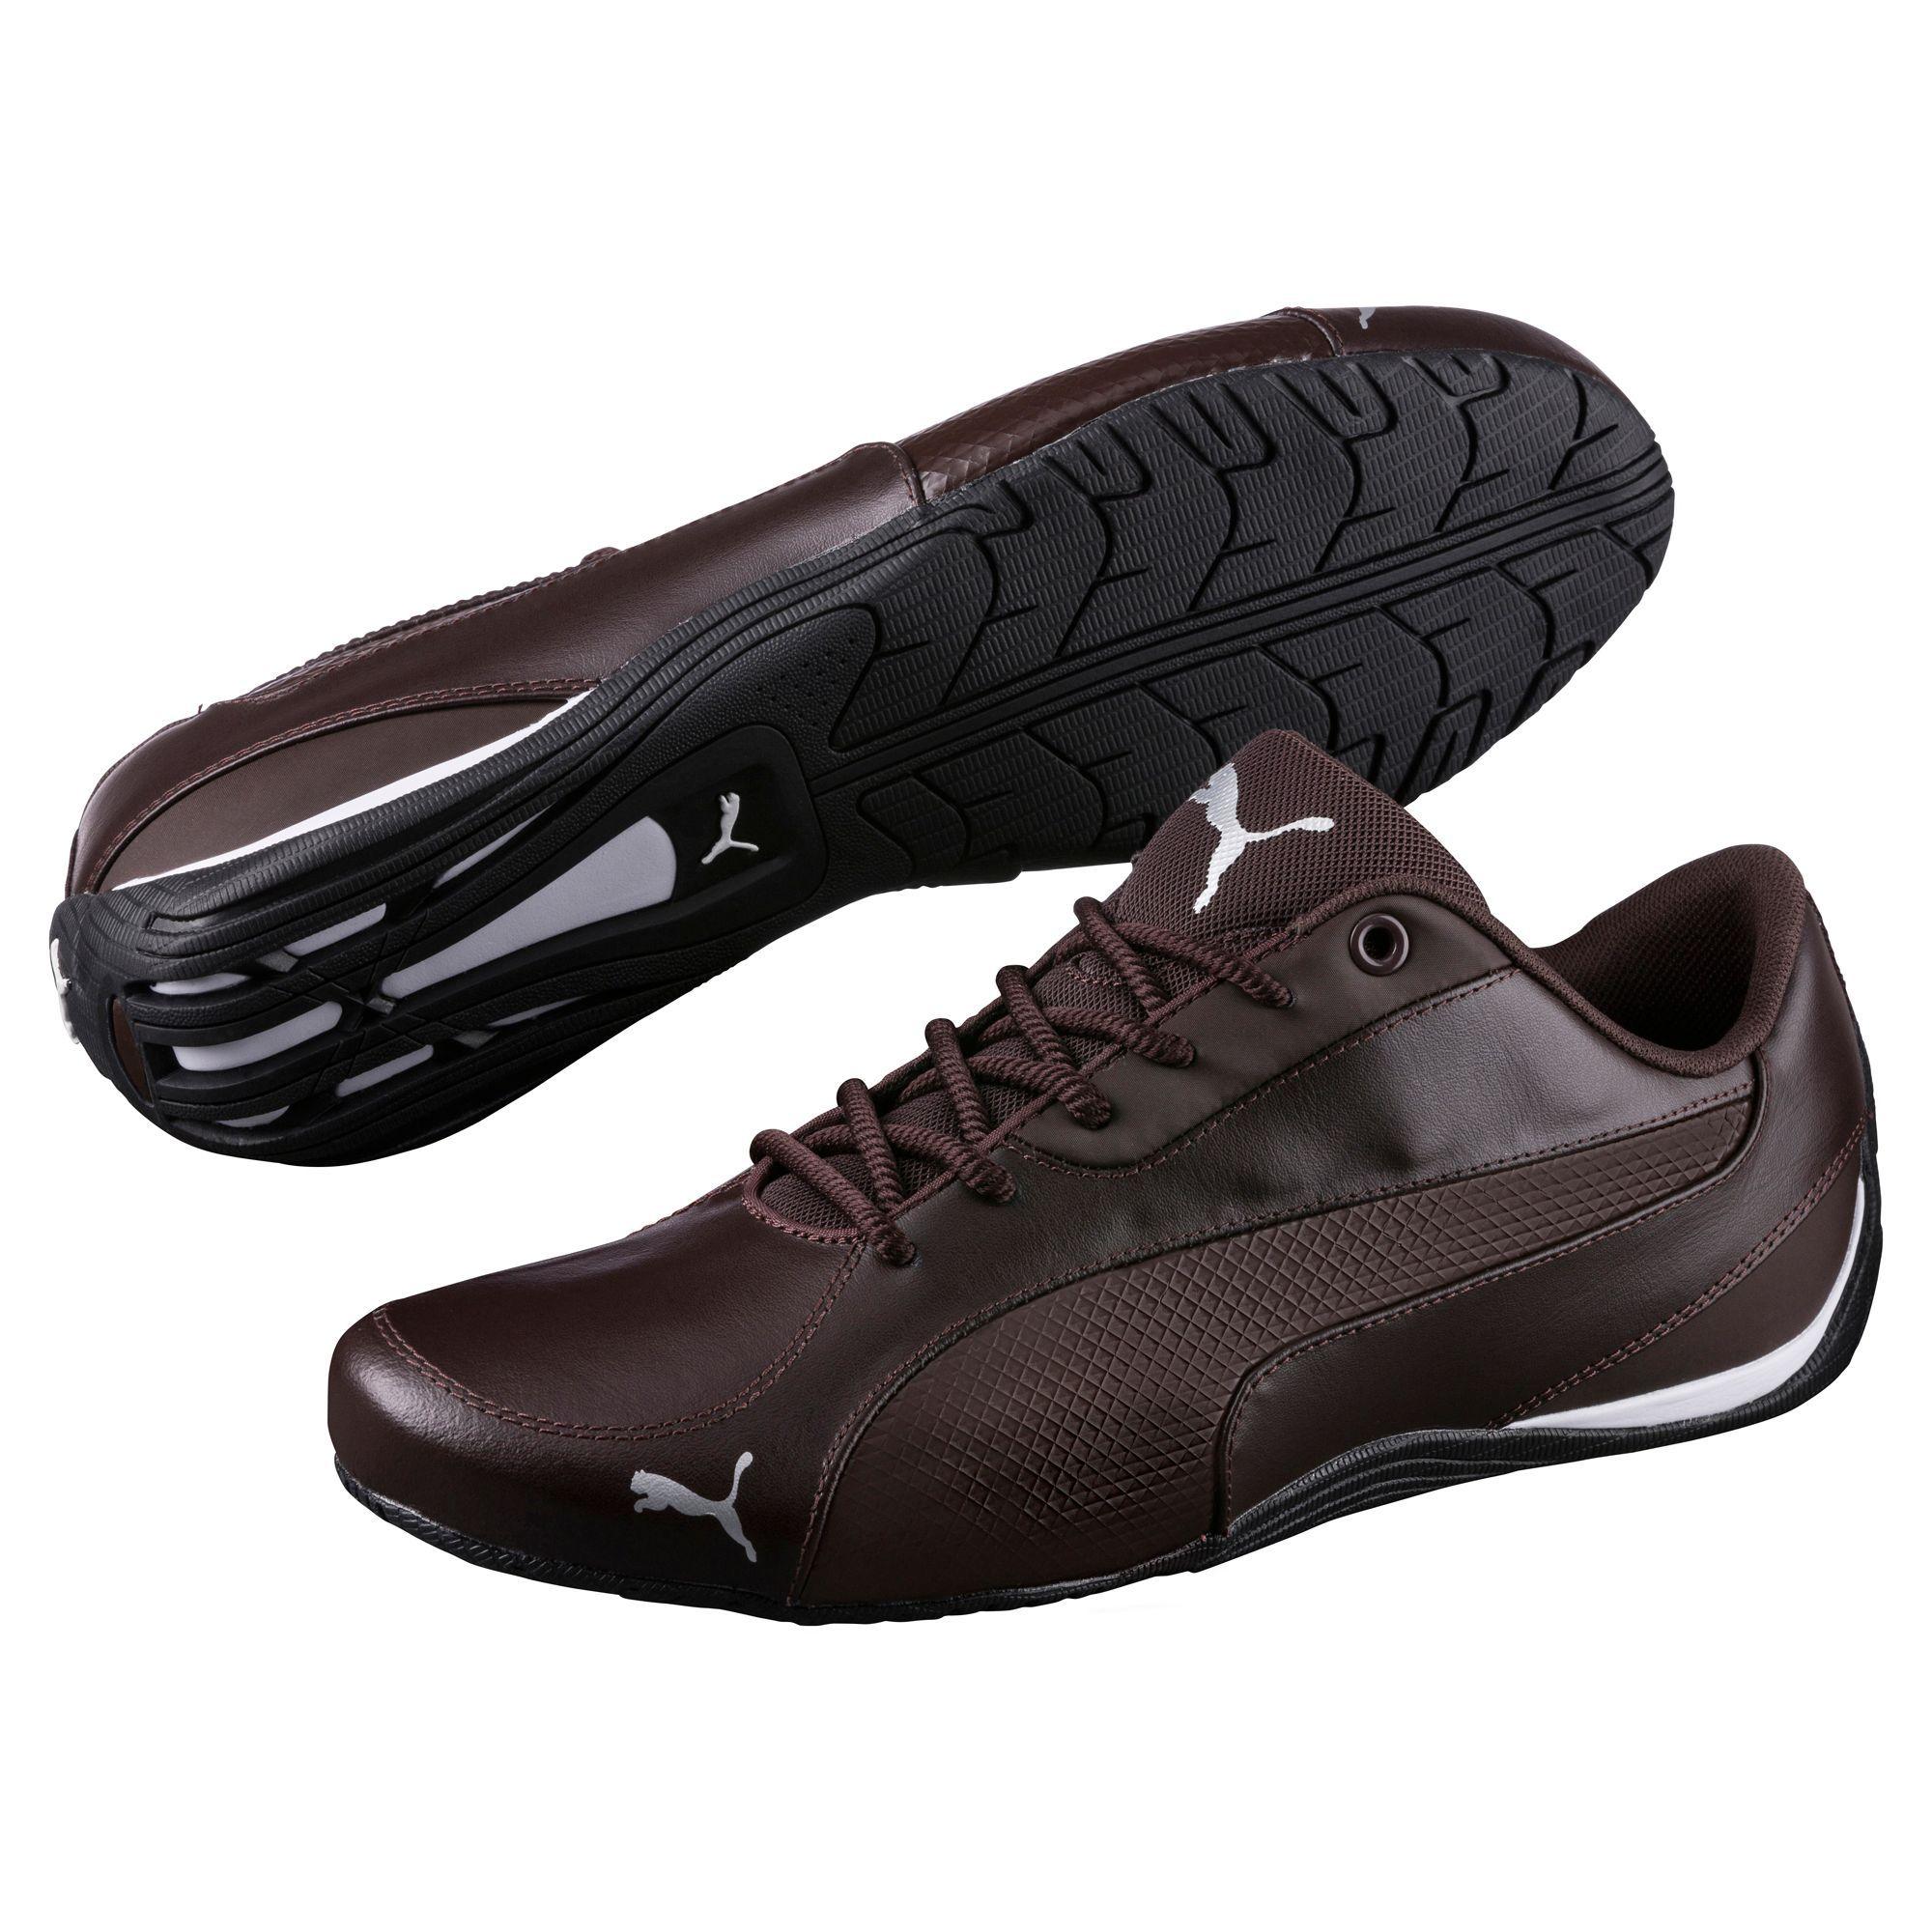 b0d9fd6d568d01 Brązowe buty męskie #Puma, model DRIFT CAT 5 CORE, wykonano z najwyższej  jakości skóry naturalnej oraz materiałów syntetycznych.